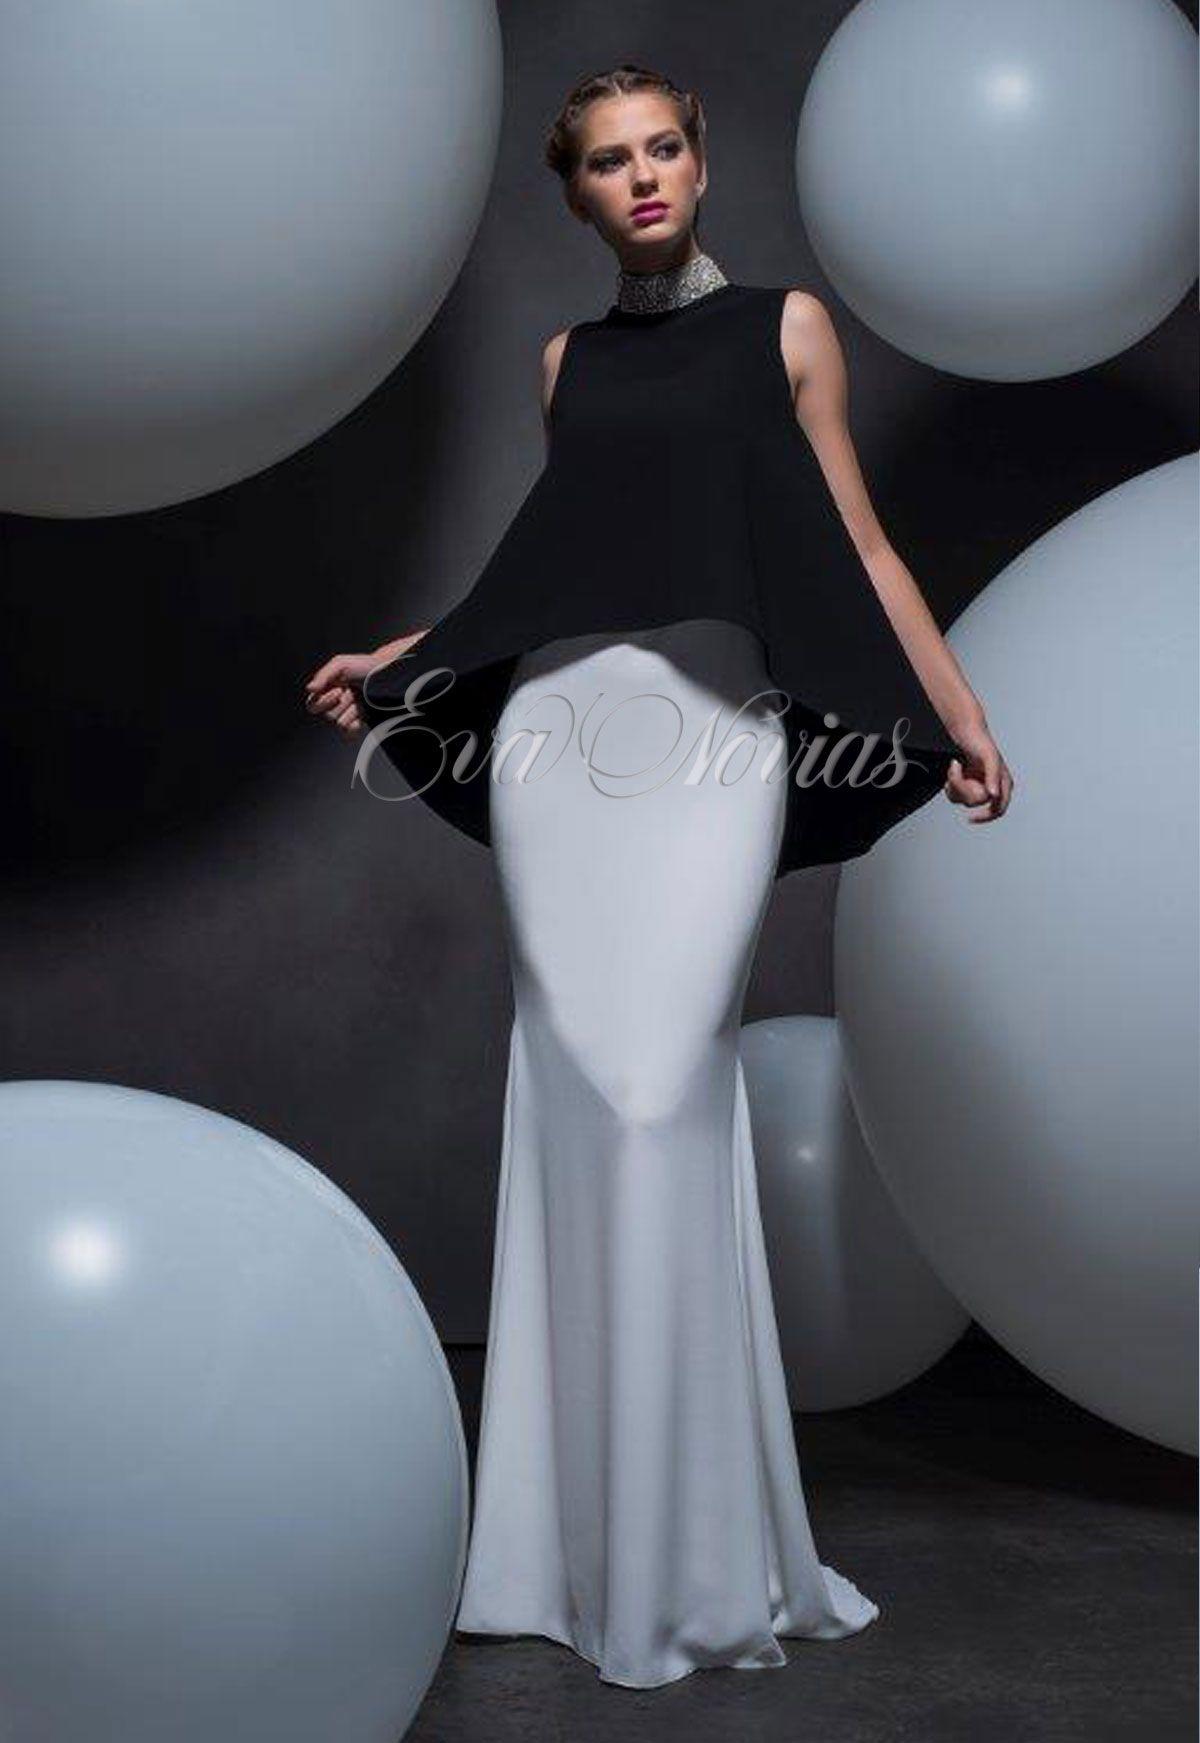 Vestido de fiesta Isabel Sanchis colección 2016 modelo Jerzu en Eva Novias.  #vestido #dress #bridalfashion #fashion #moda #Madrid